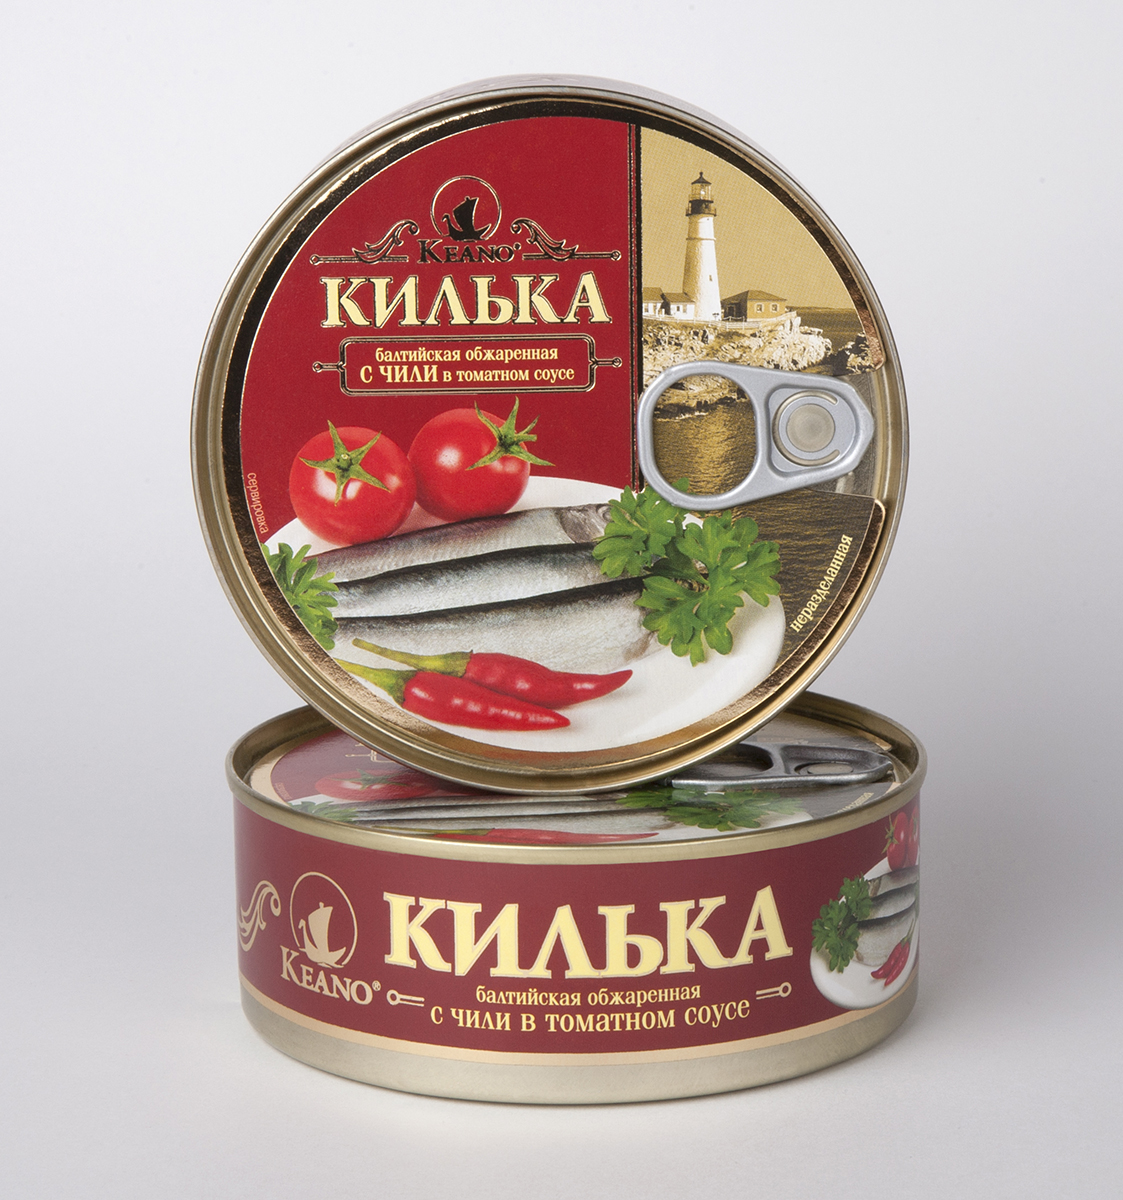 Keano Килька в томате с чили, 240 г ростагроэкспорт желе апельсин 125 г